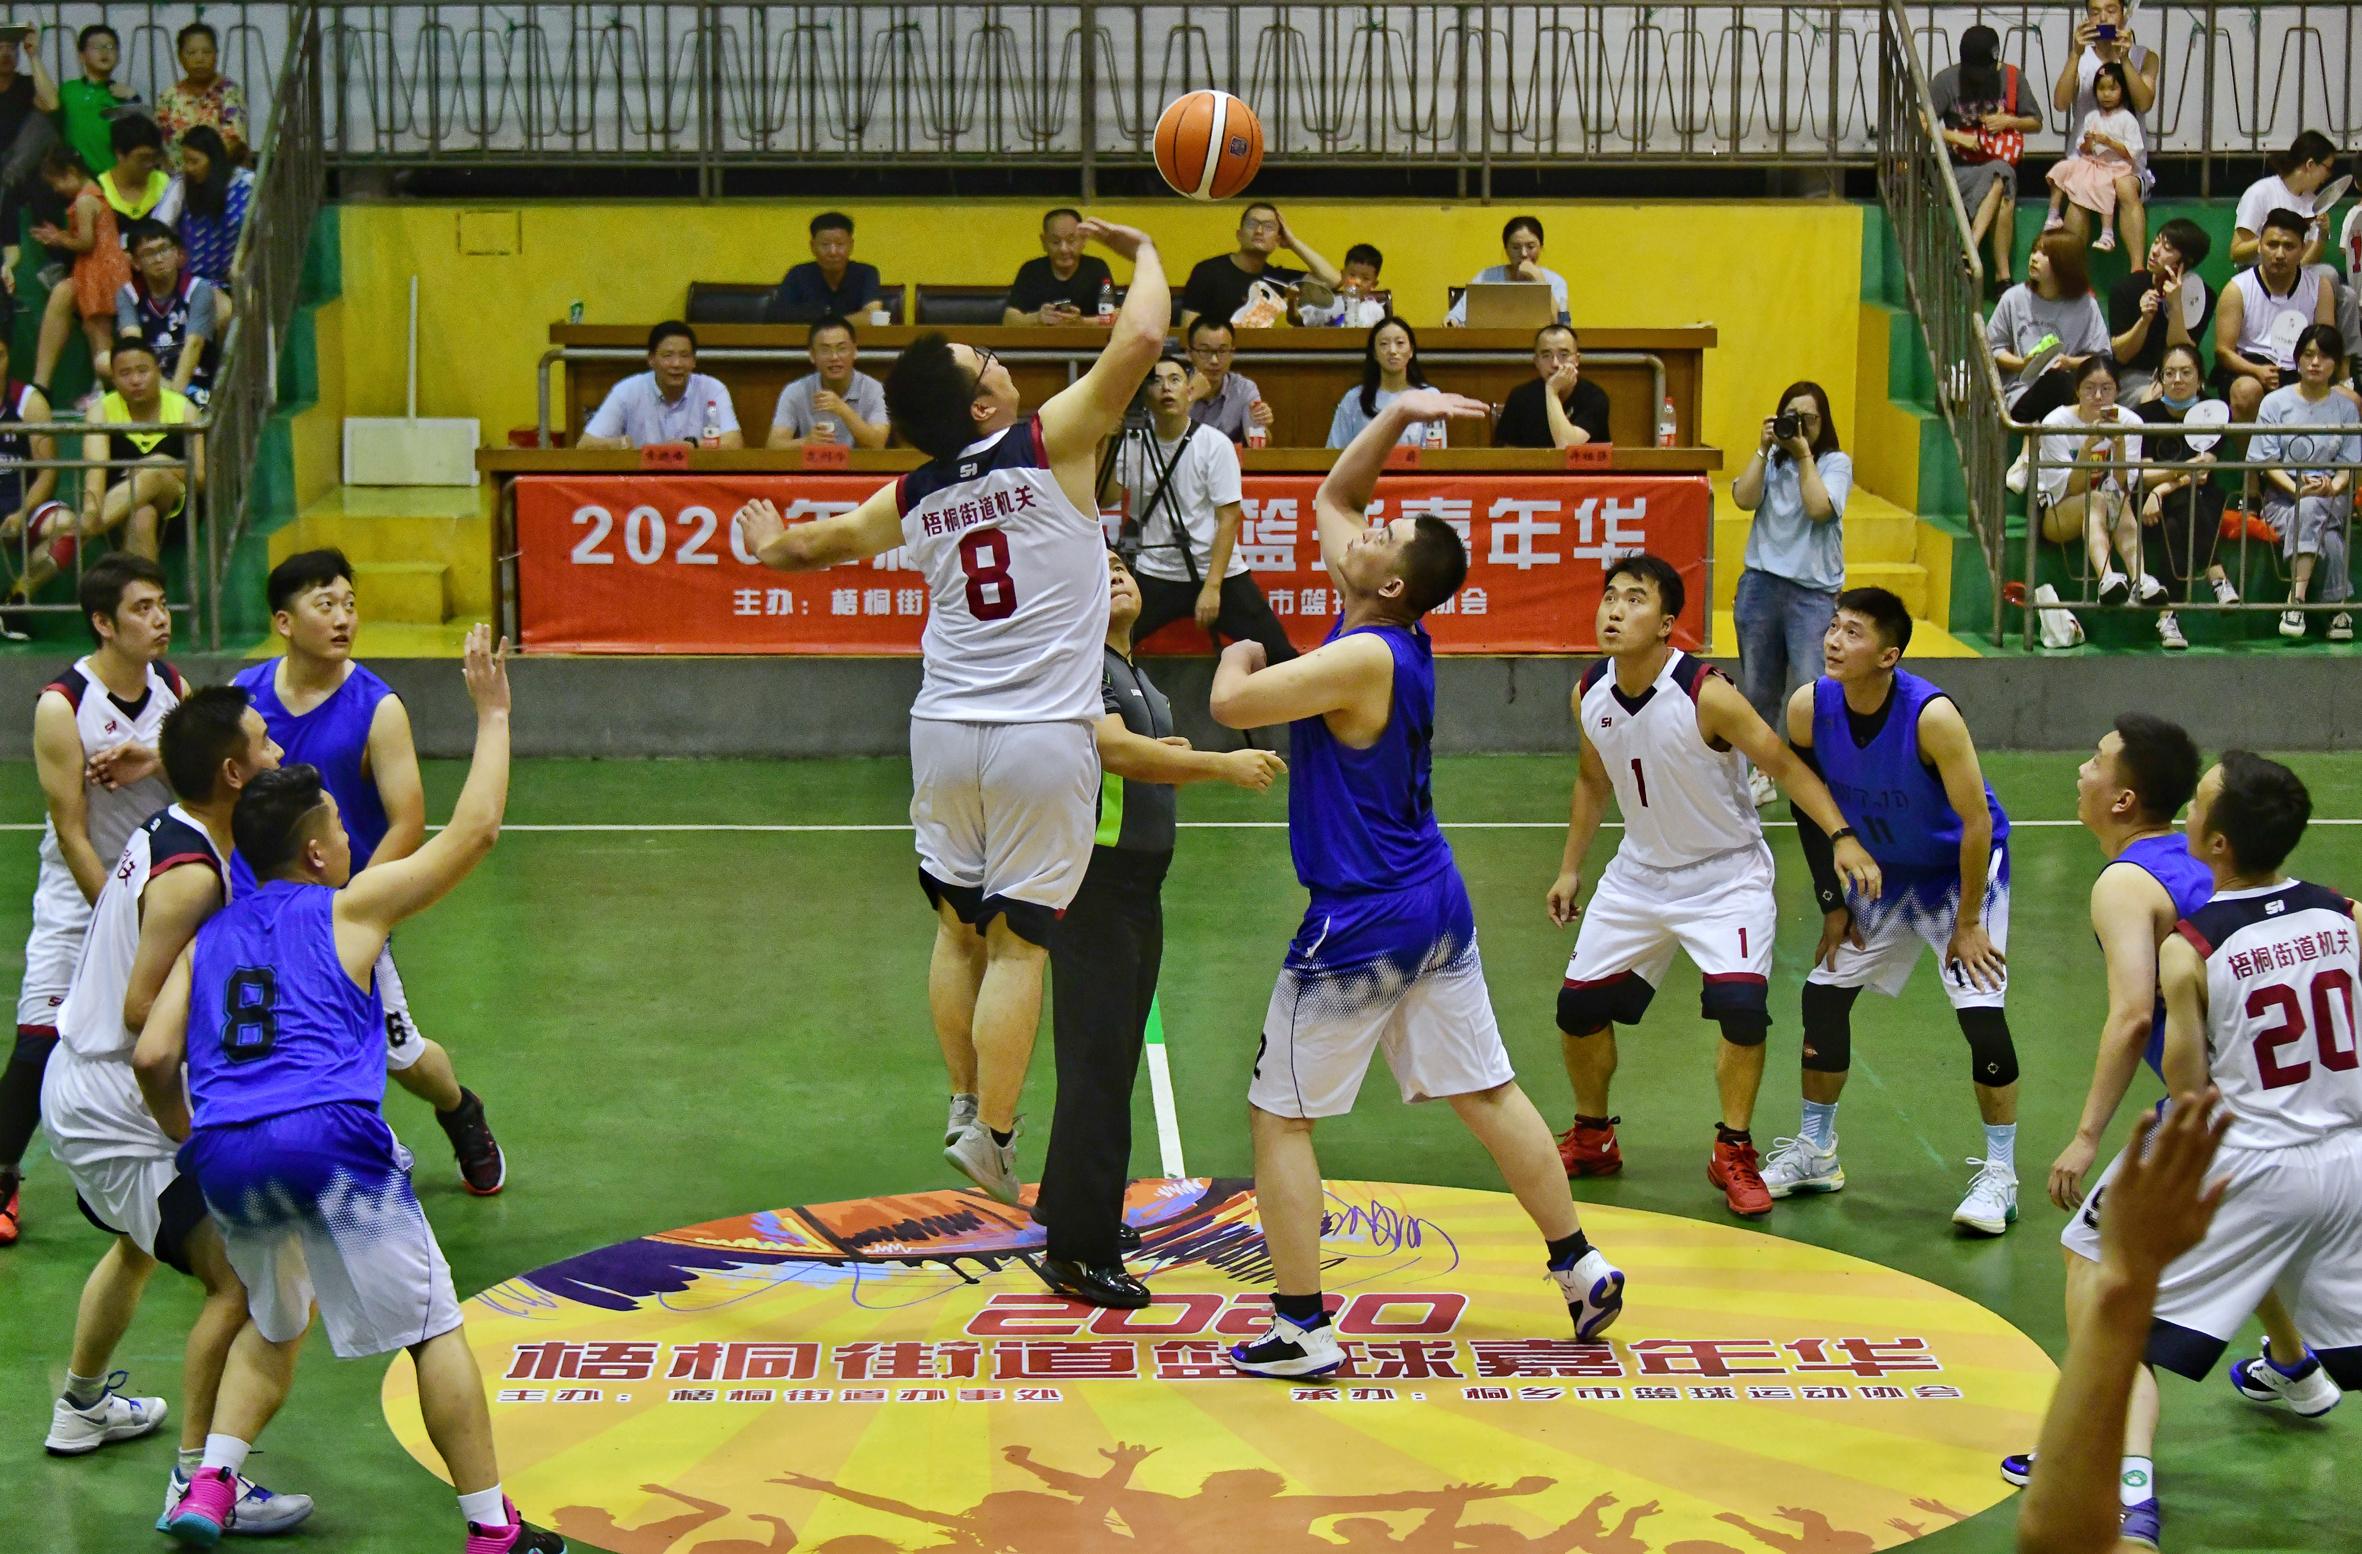 篮球嘉年华开赛